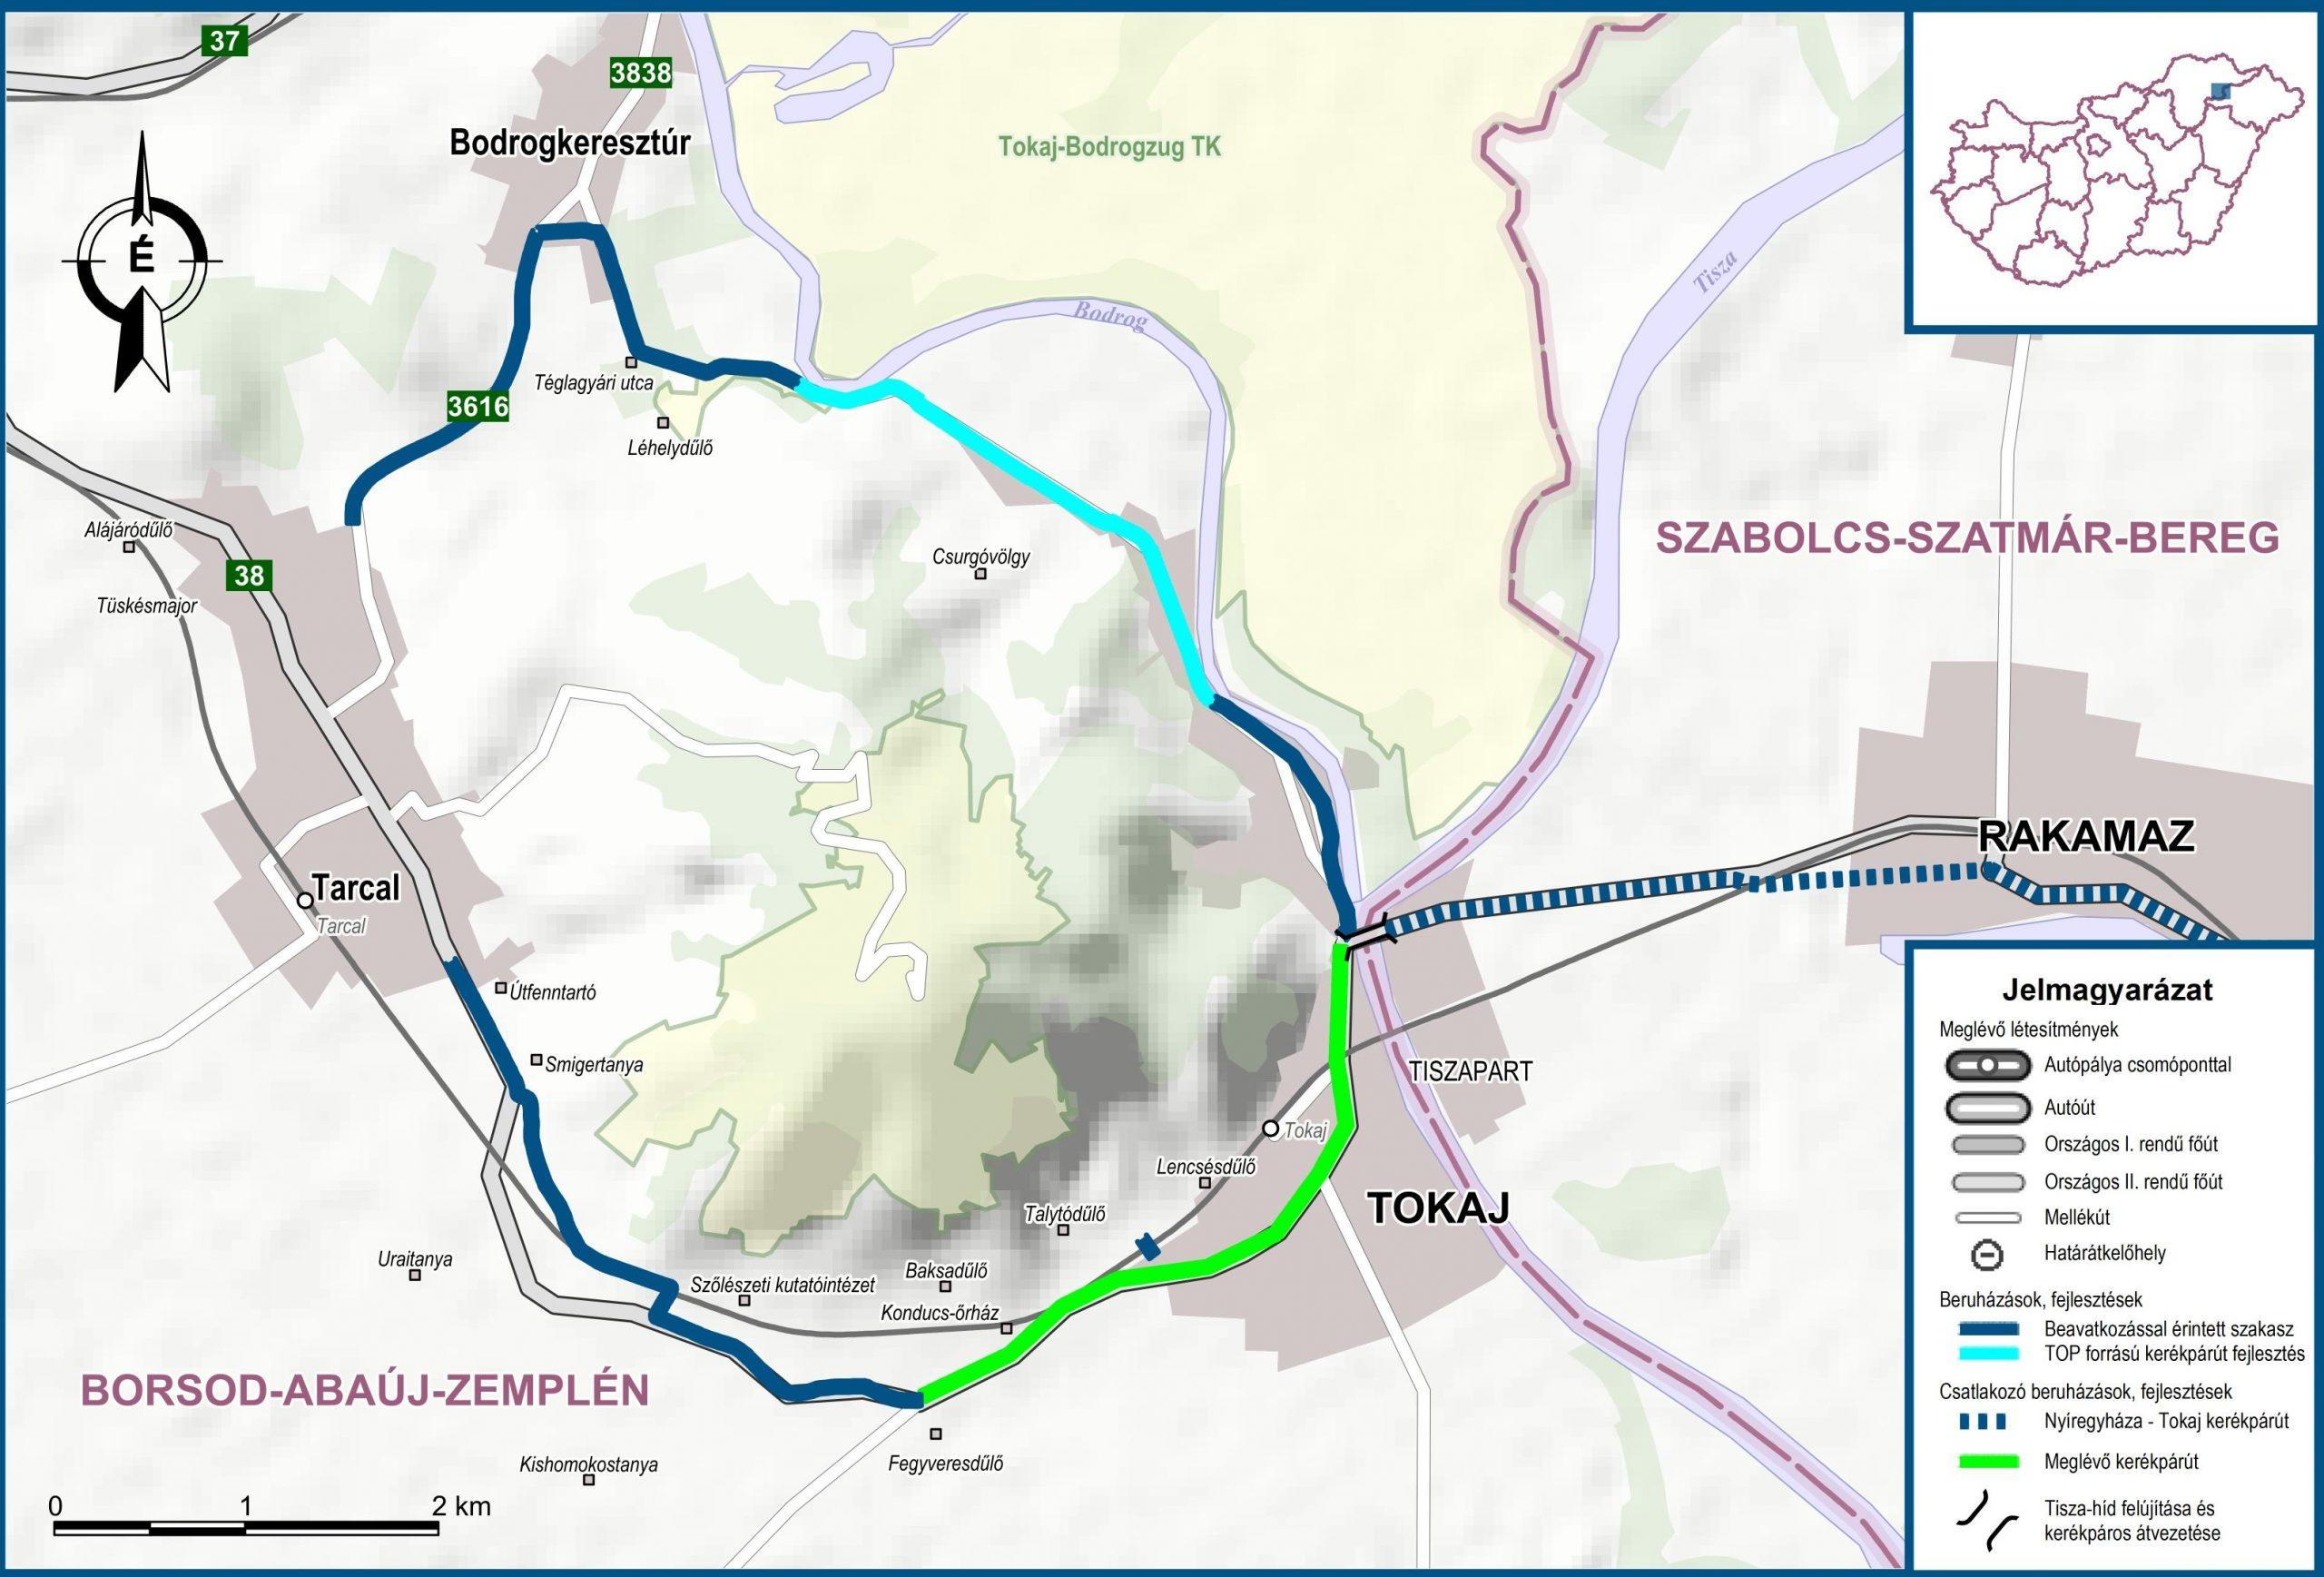 Komplex kerékpáros hálózat épül a Tokaji borvidéken